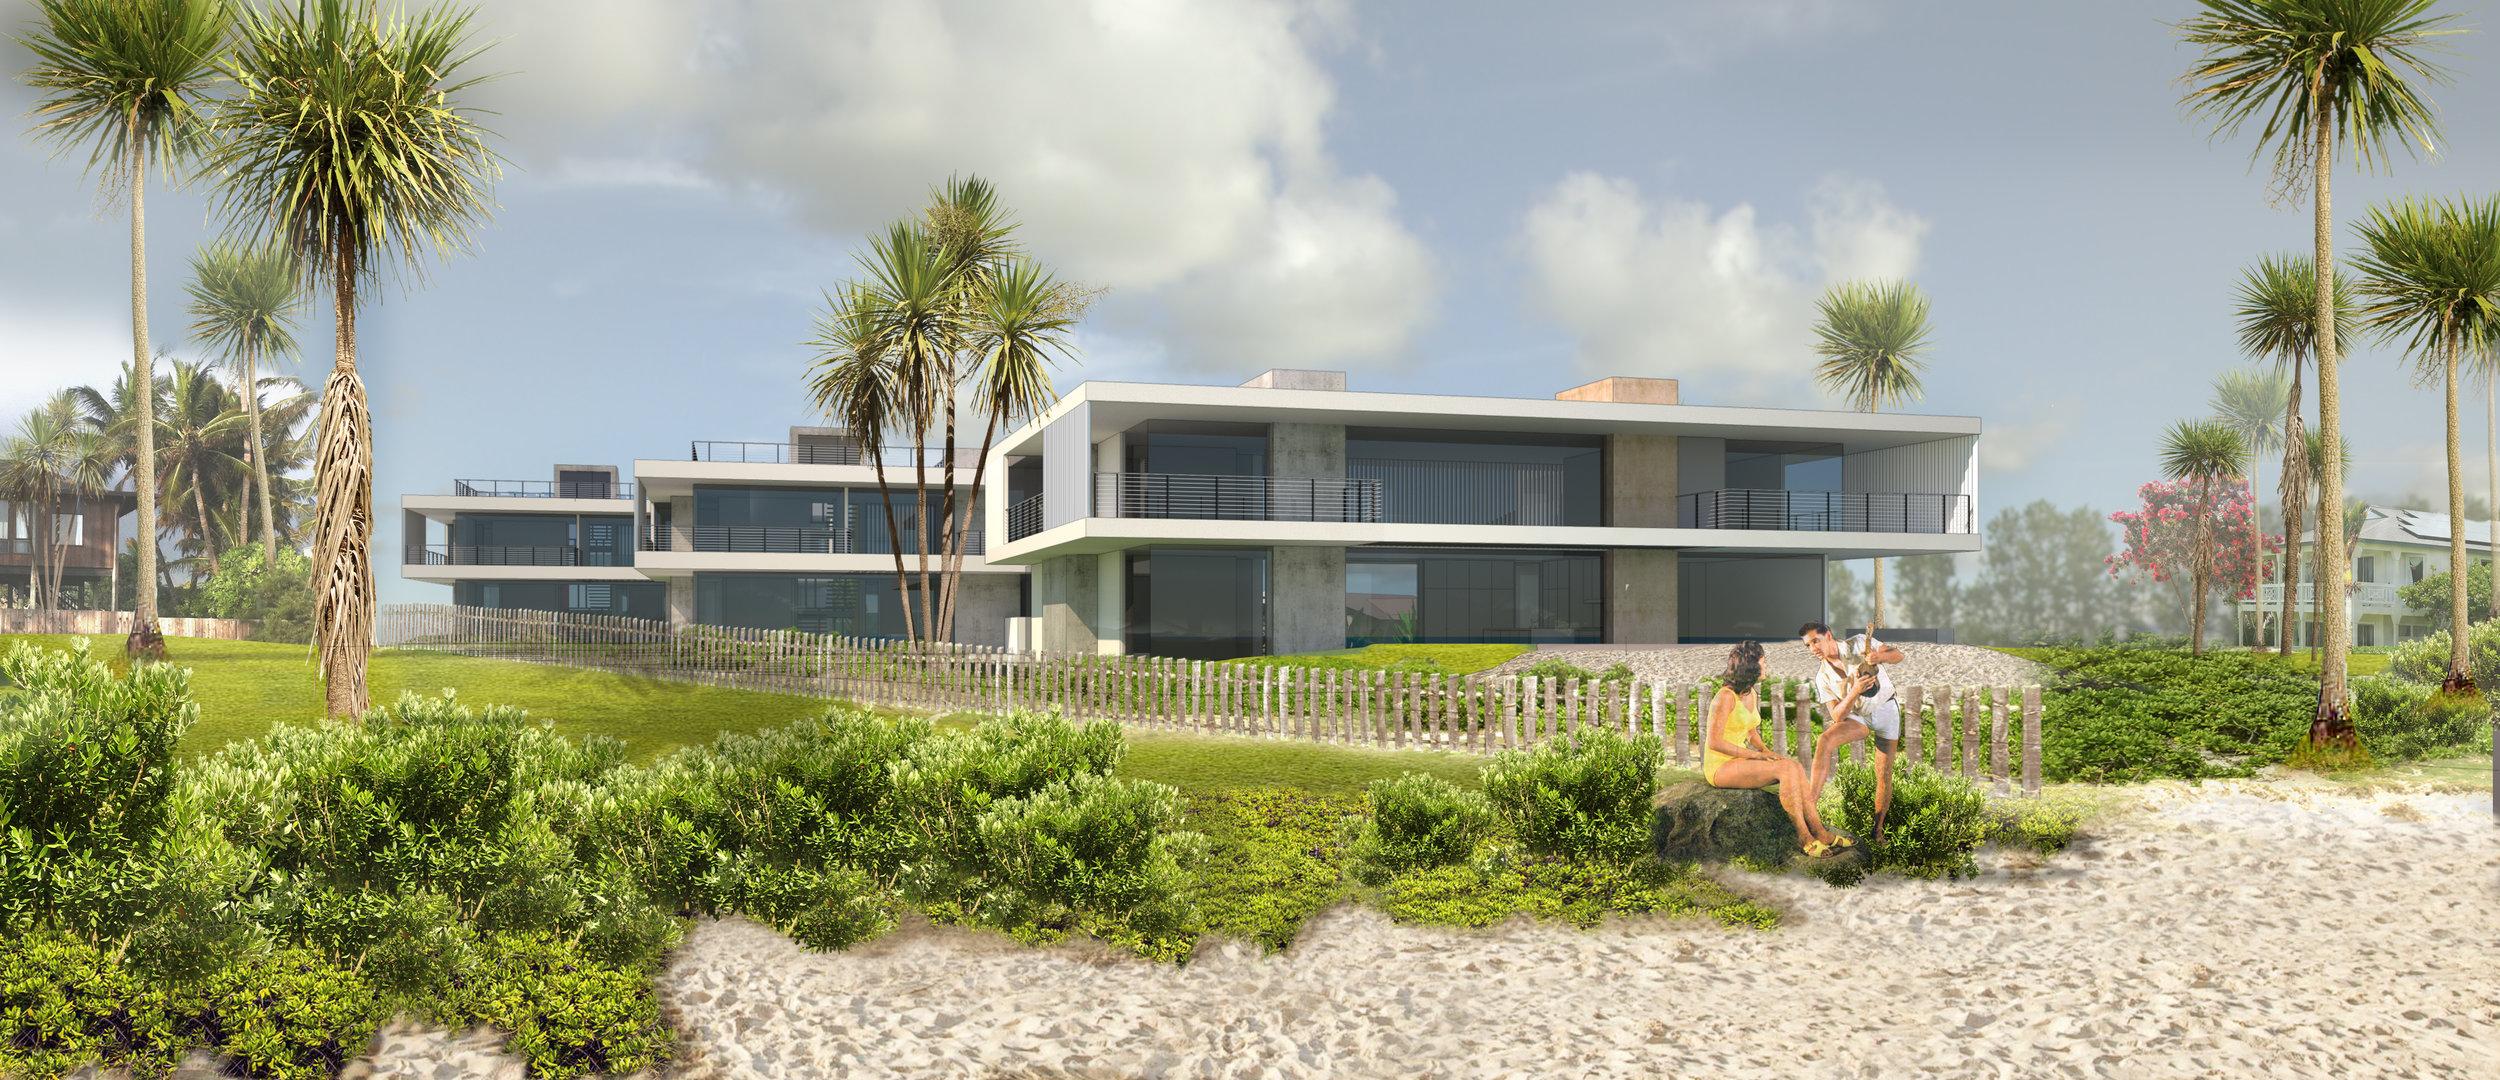 Kailua Beach Houses